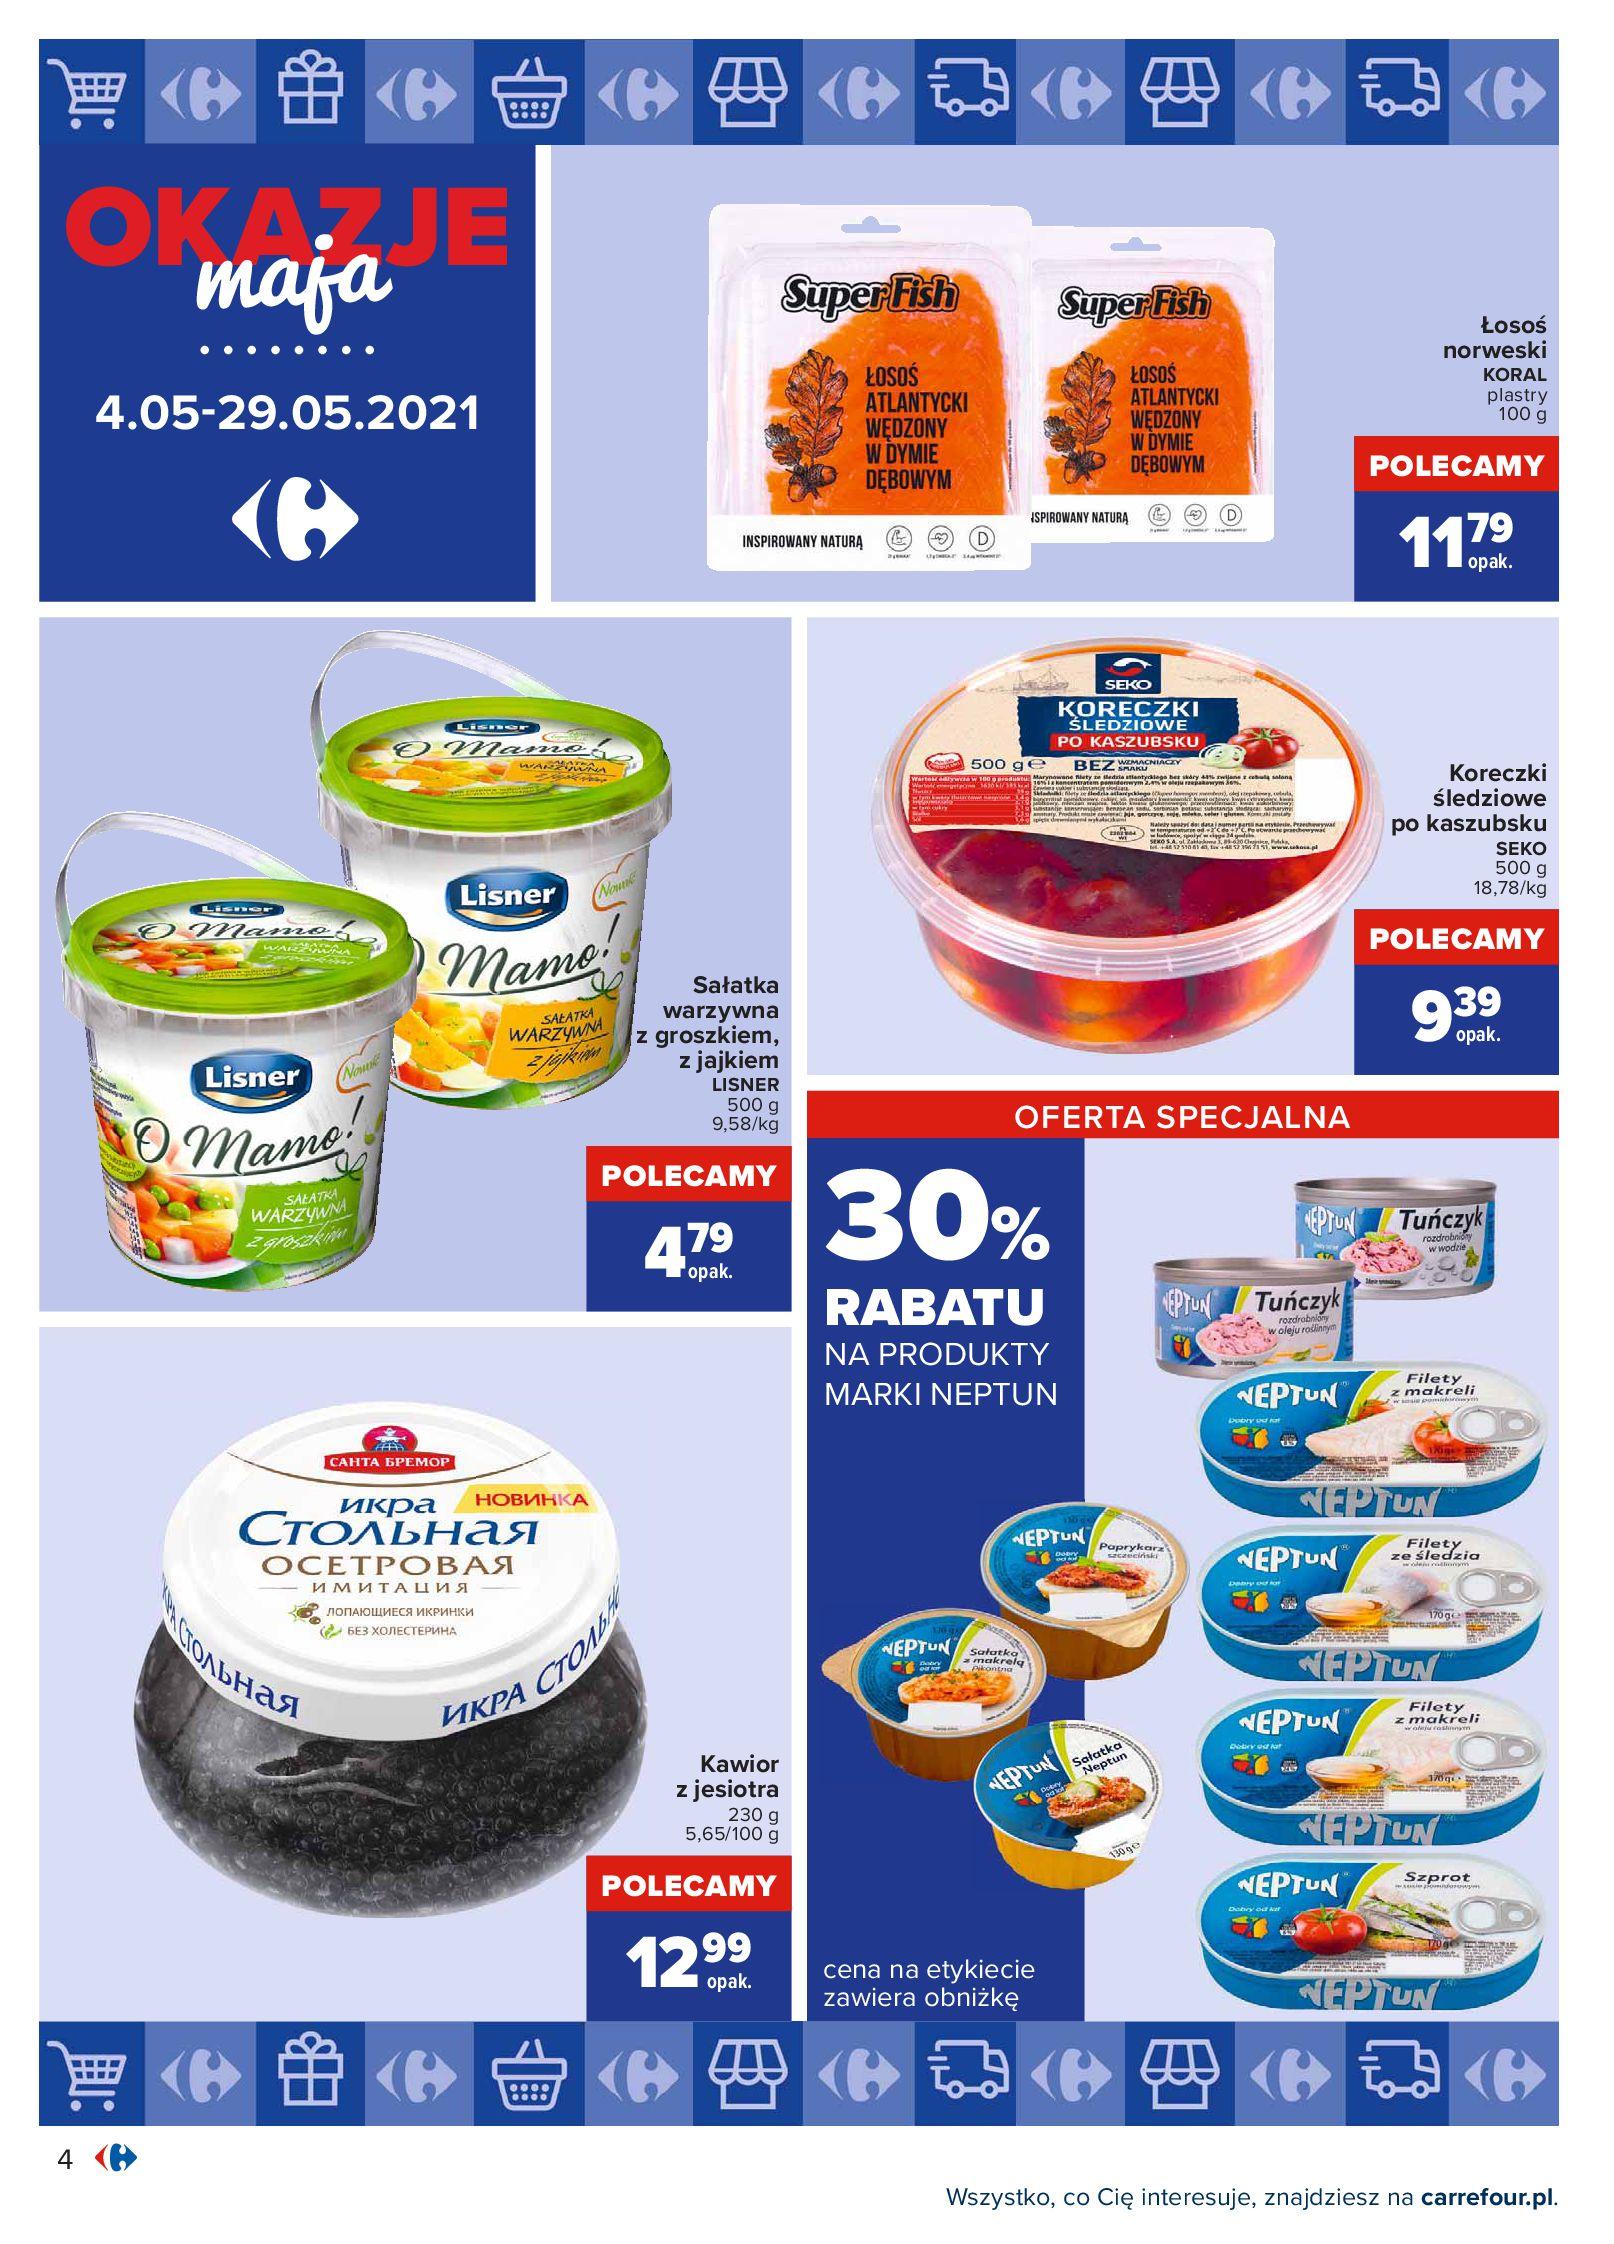 Gazetka Carrefour: Okazje maja 2021-05-04 page-4